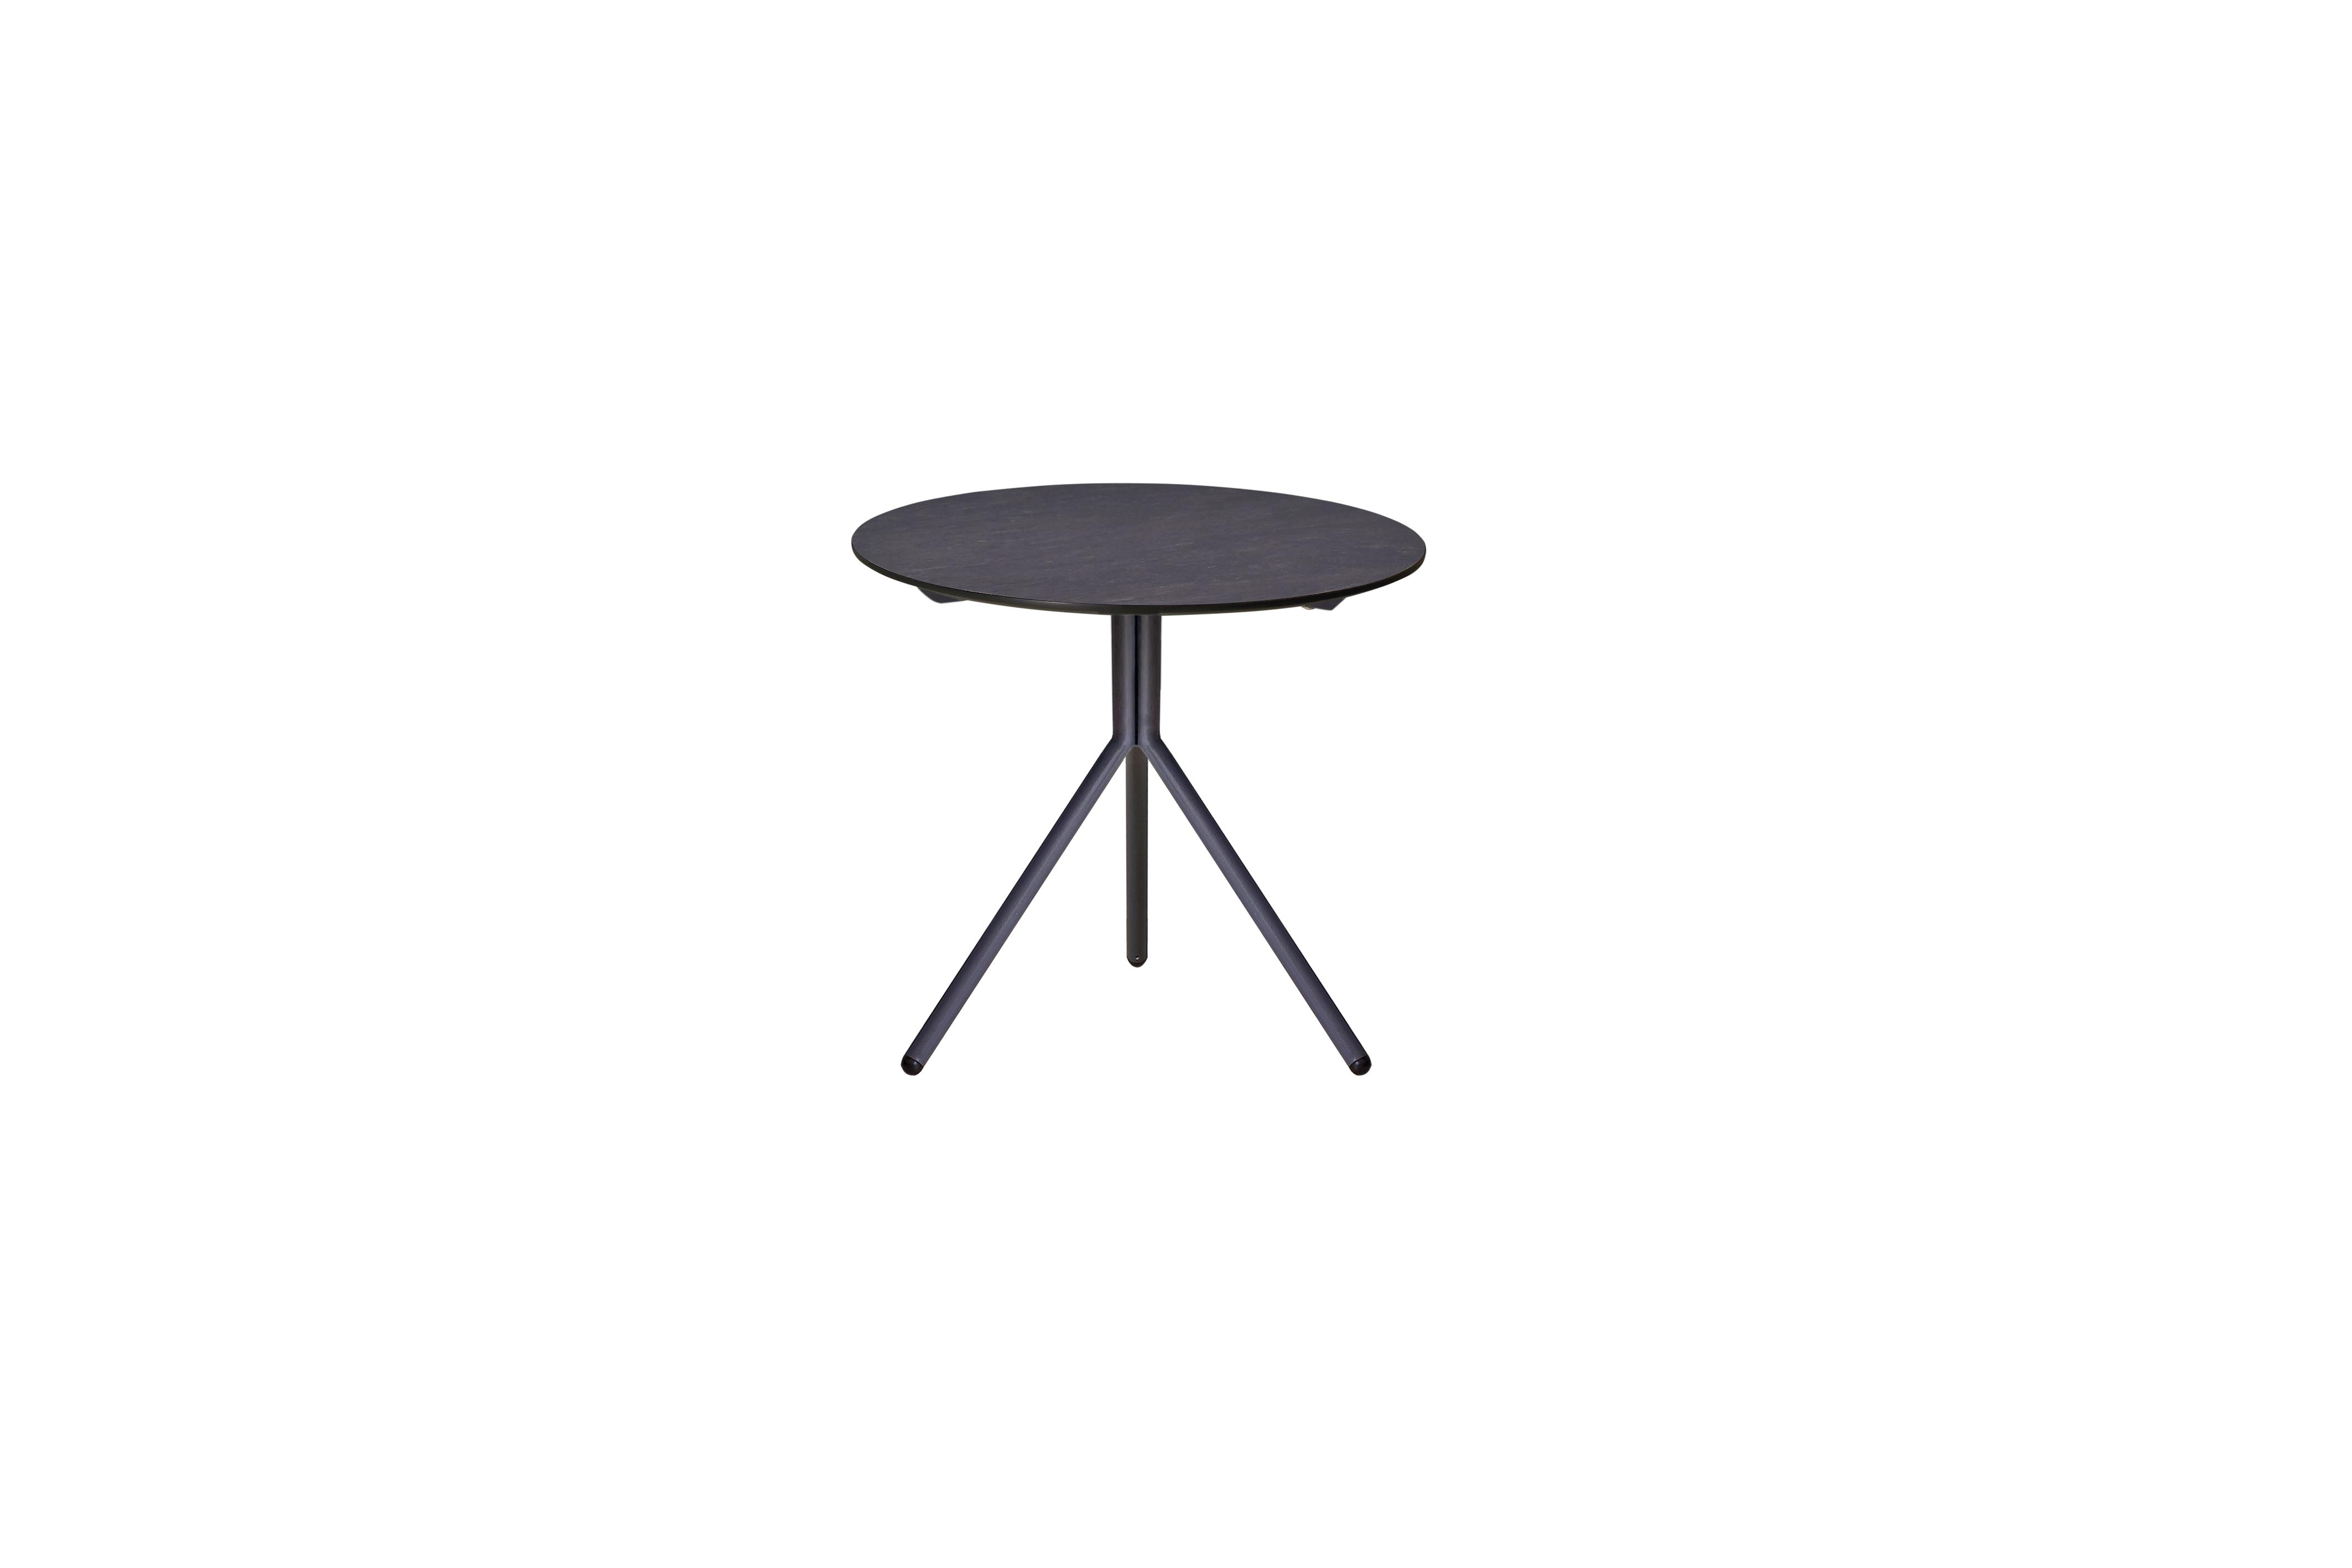 MAMAGREEN_BON12_BONO_side_table_dia_46_cm_aluminum_hpl